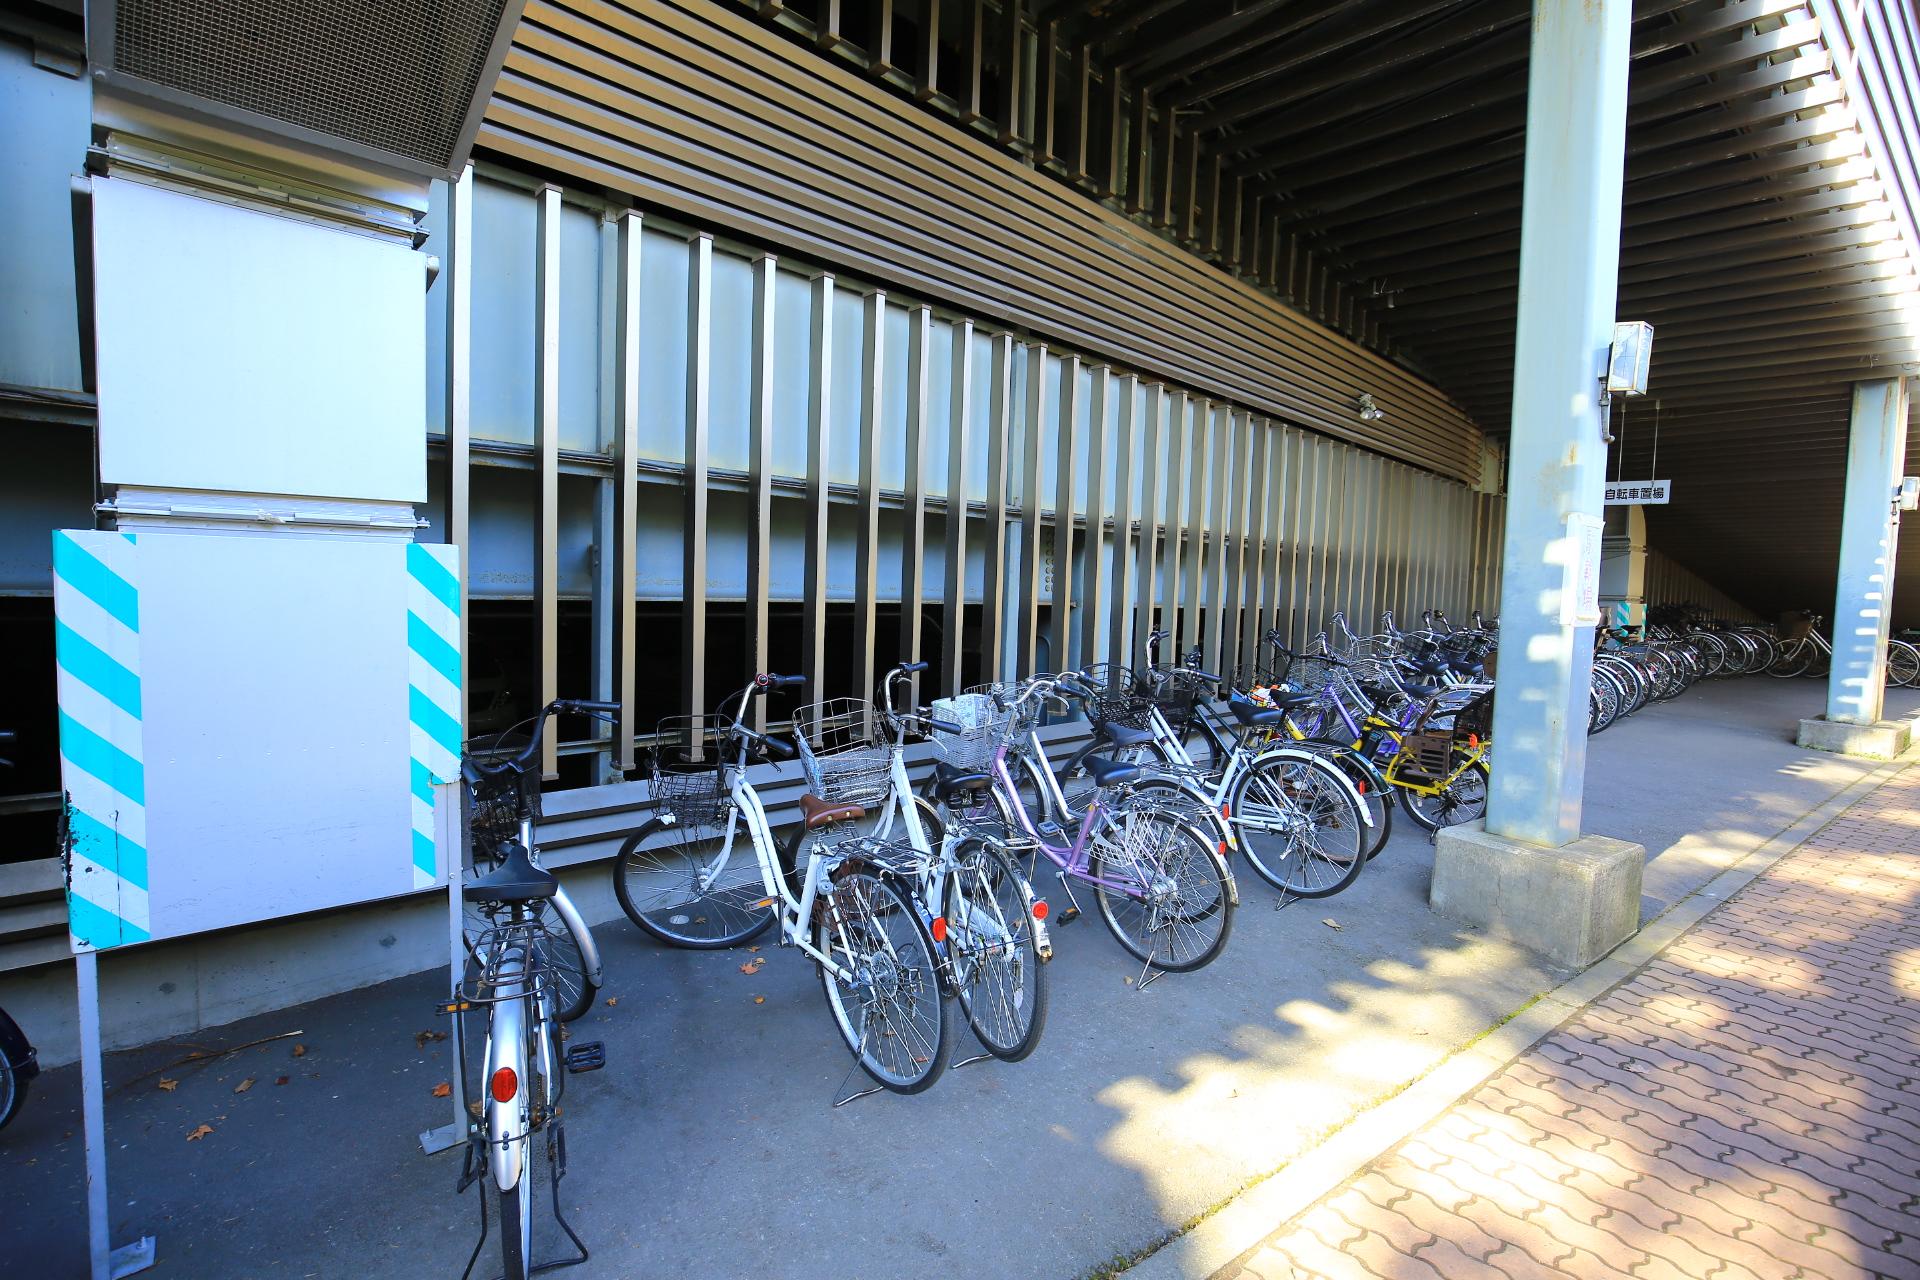 【輕井澤一日遊】輕井澤騎腳踏車怎麼玩?悠哉遊舊銀座通 @小環妞 幸福足跡